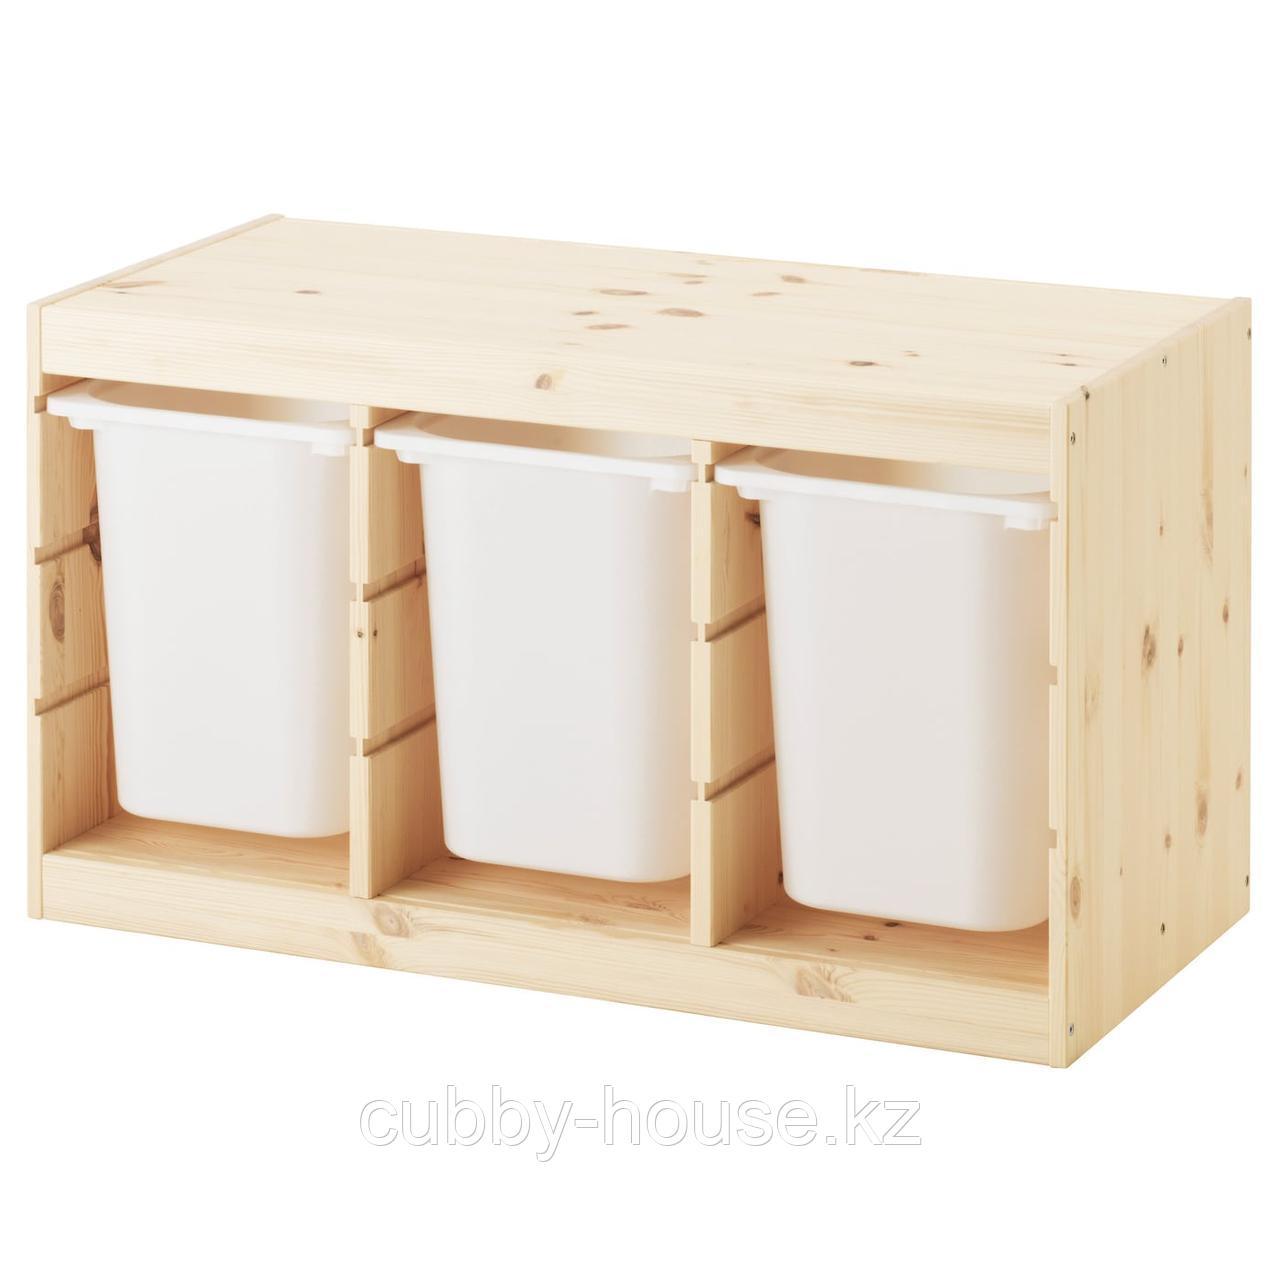 ТРУФАСТ Комбинация д/хранения+контейнеры, светлая беленая сосна, белый, 94x44x52 см